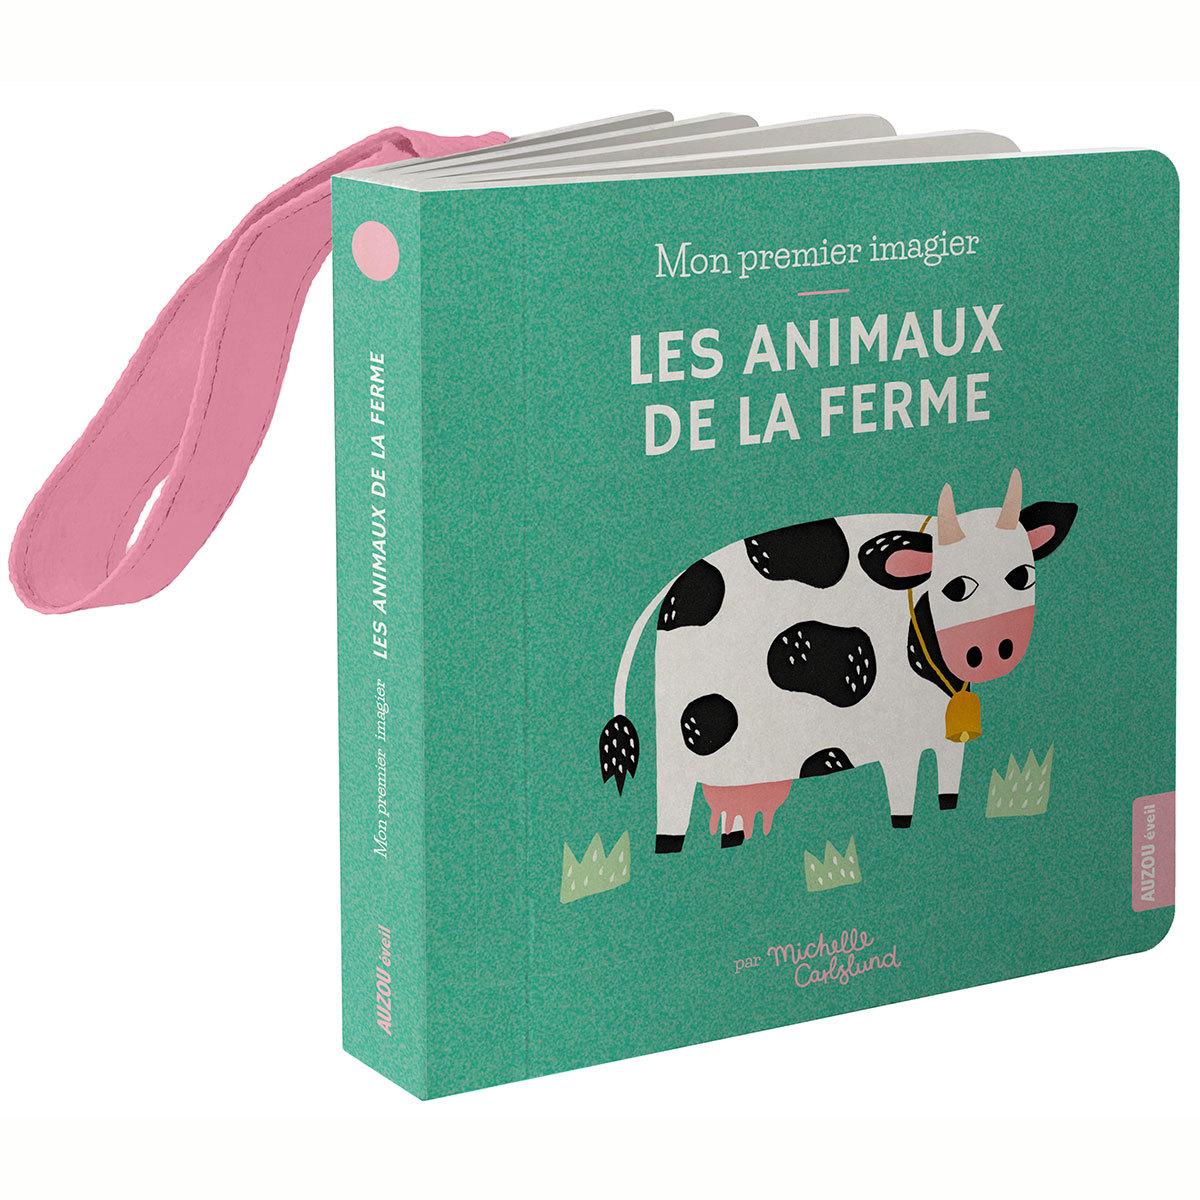 Livre & Carte Mon Premier Imagier Accroche-Poussette - Les Animaux de la Ferme